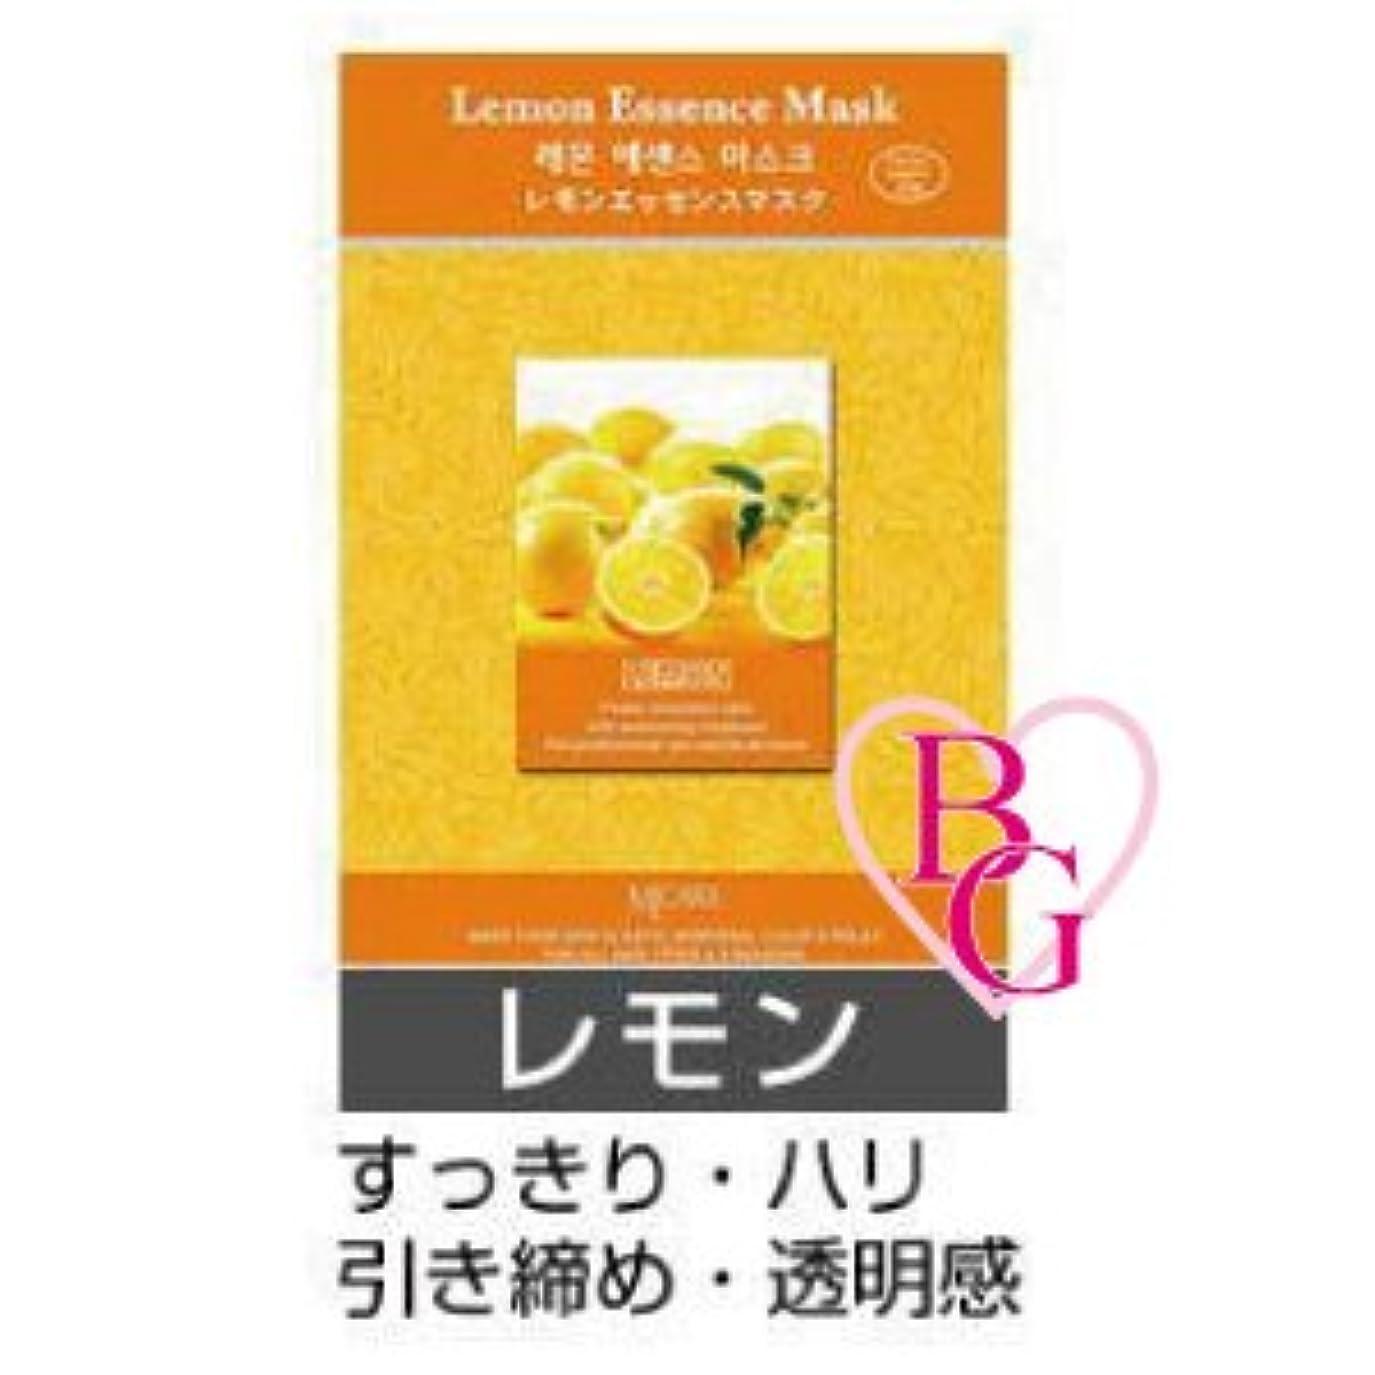 冷蔵庫初期の複雑でないフェイスパック レモン 韓国コスメ MIJIN(ミジン)コスメ 口コミ ランキング No1 おすすめ シートマスク 10枚